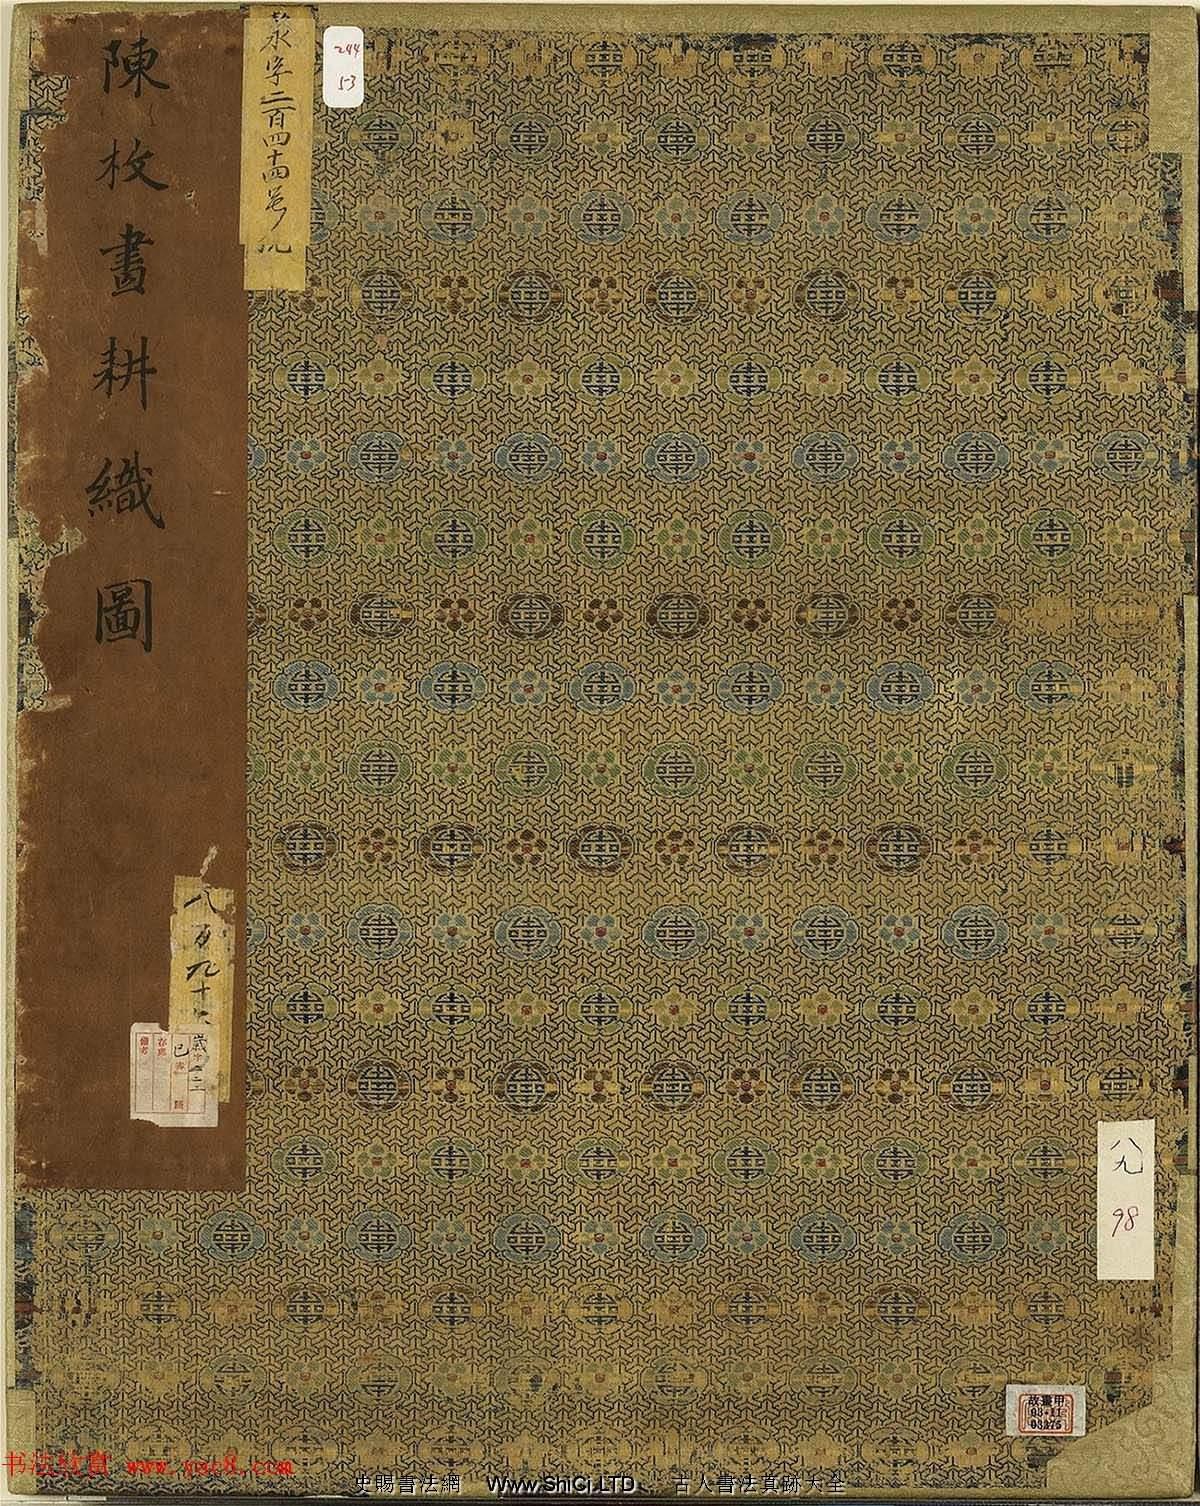 清代宮廷畫師陳枚彩繪本《耕織圖》(共48張圖片)